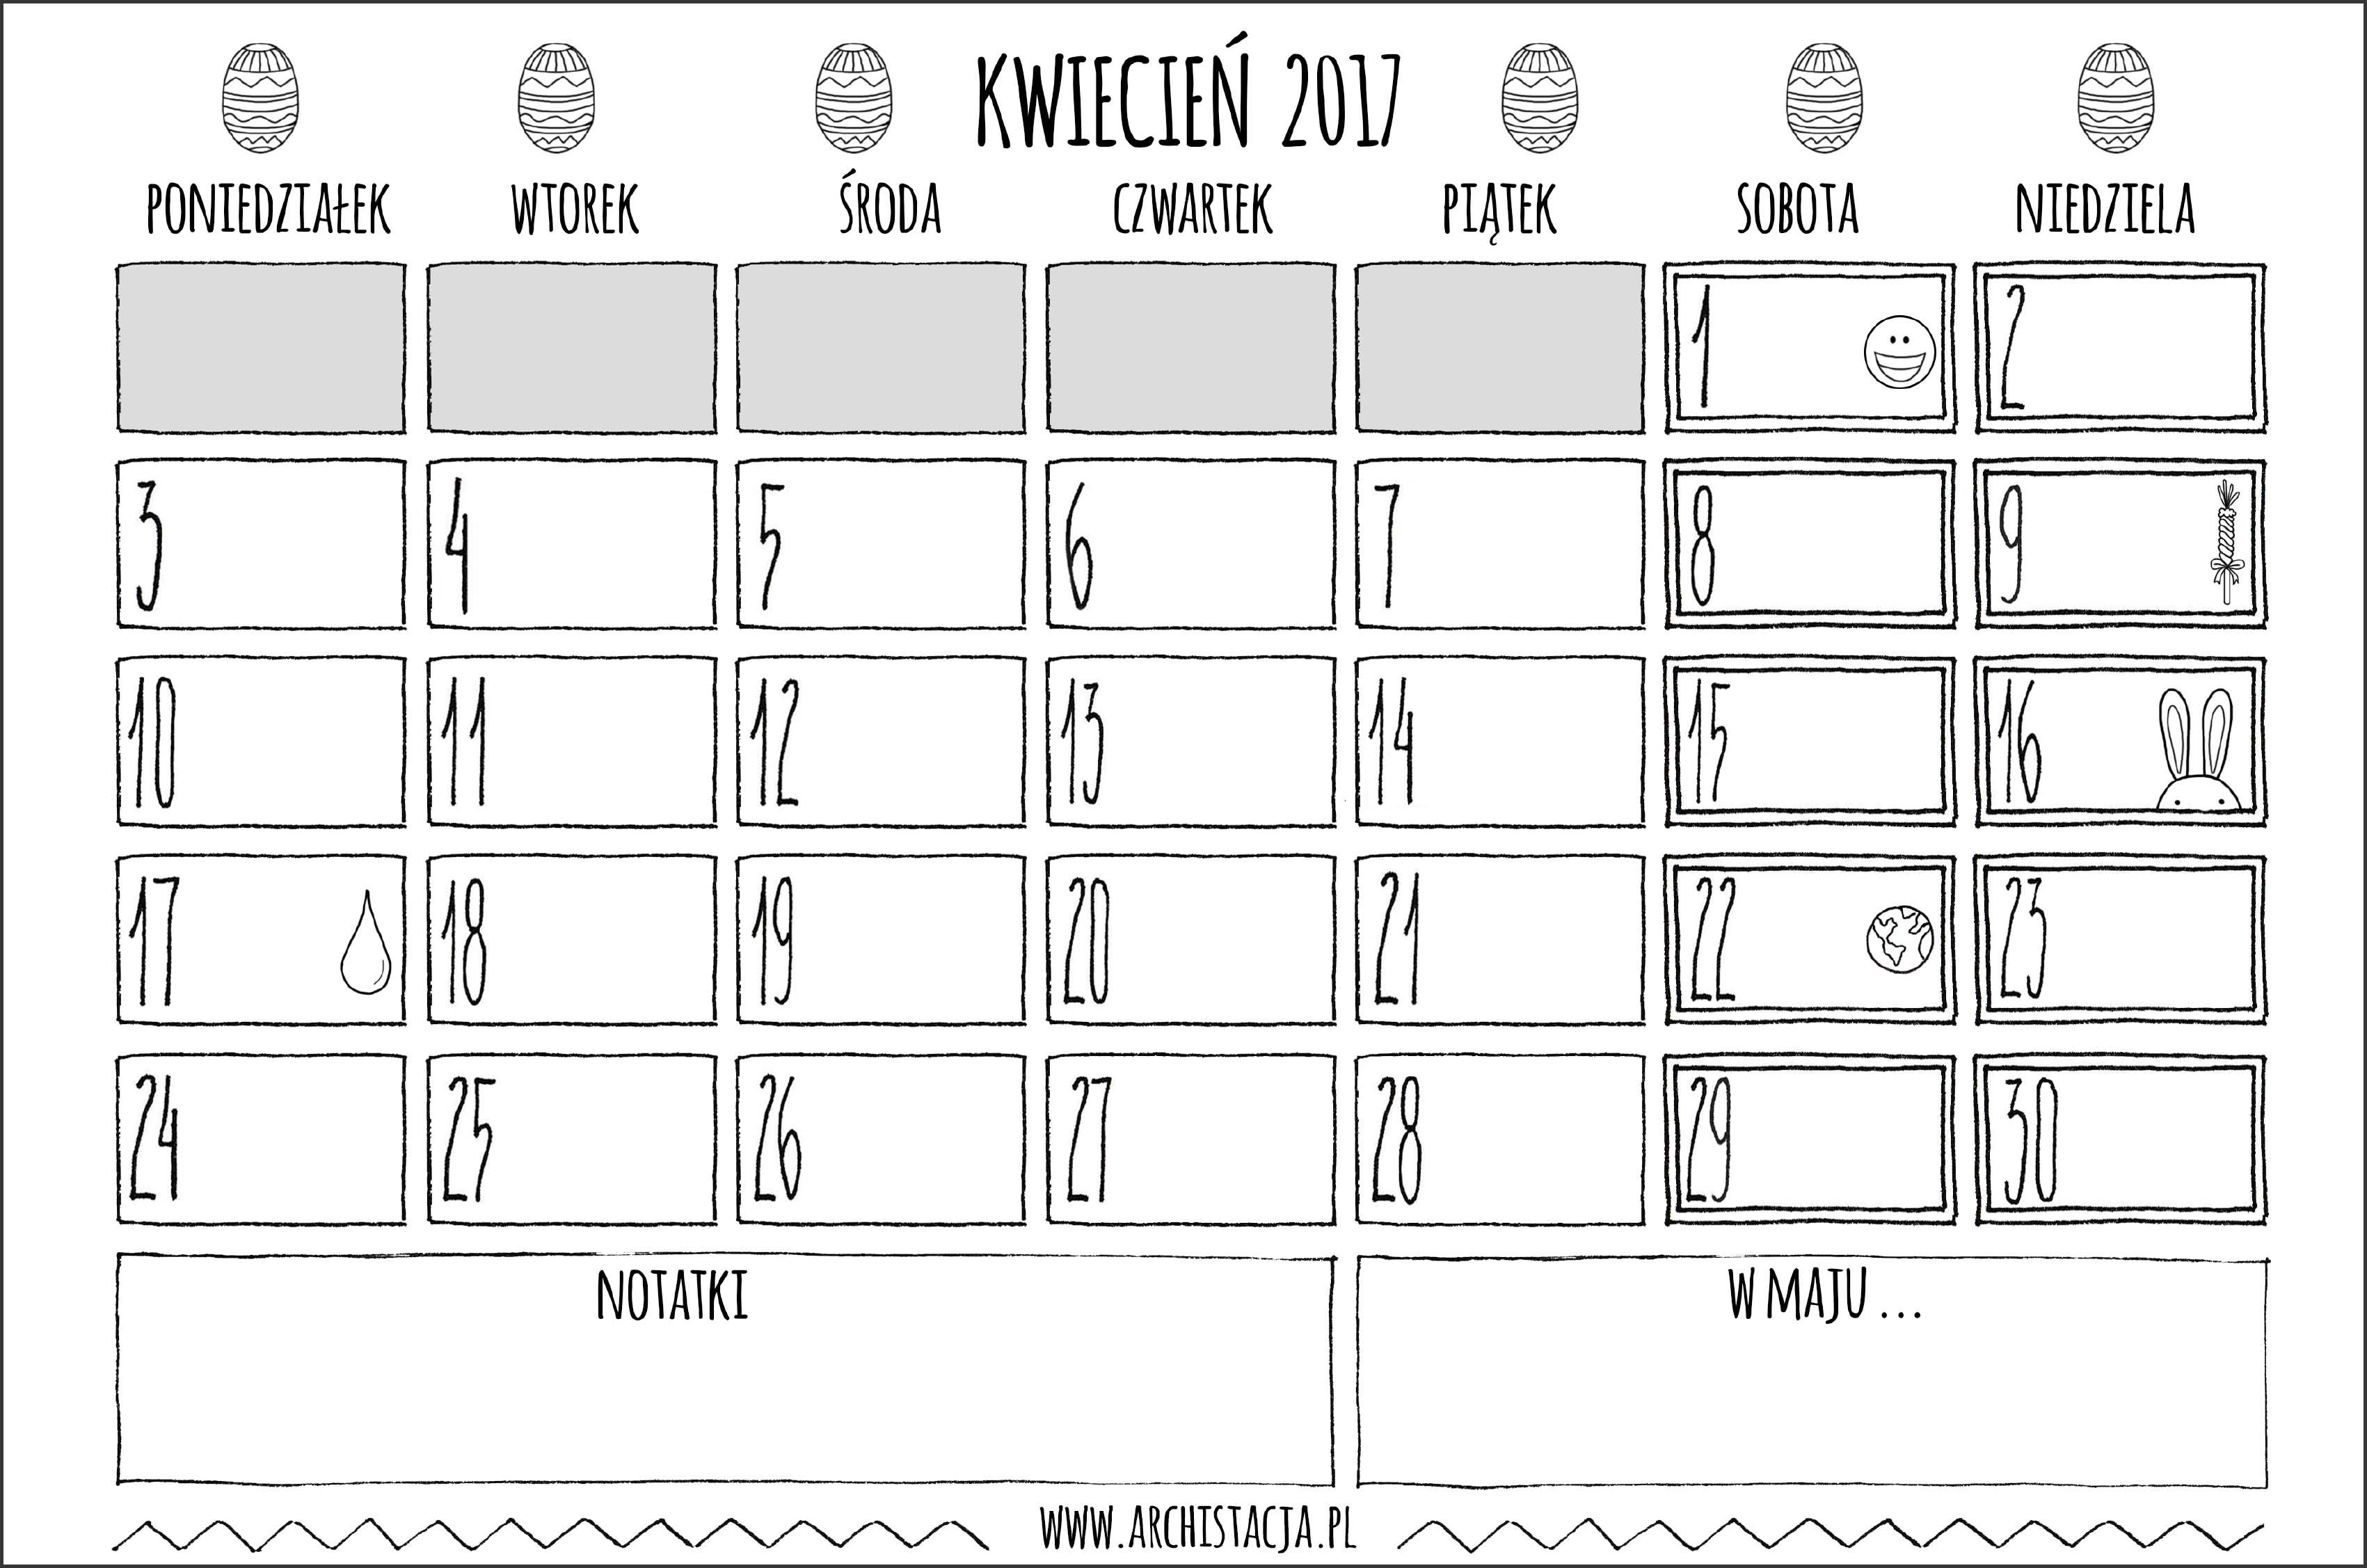 kalendarz na kwiecień 2017